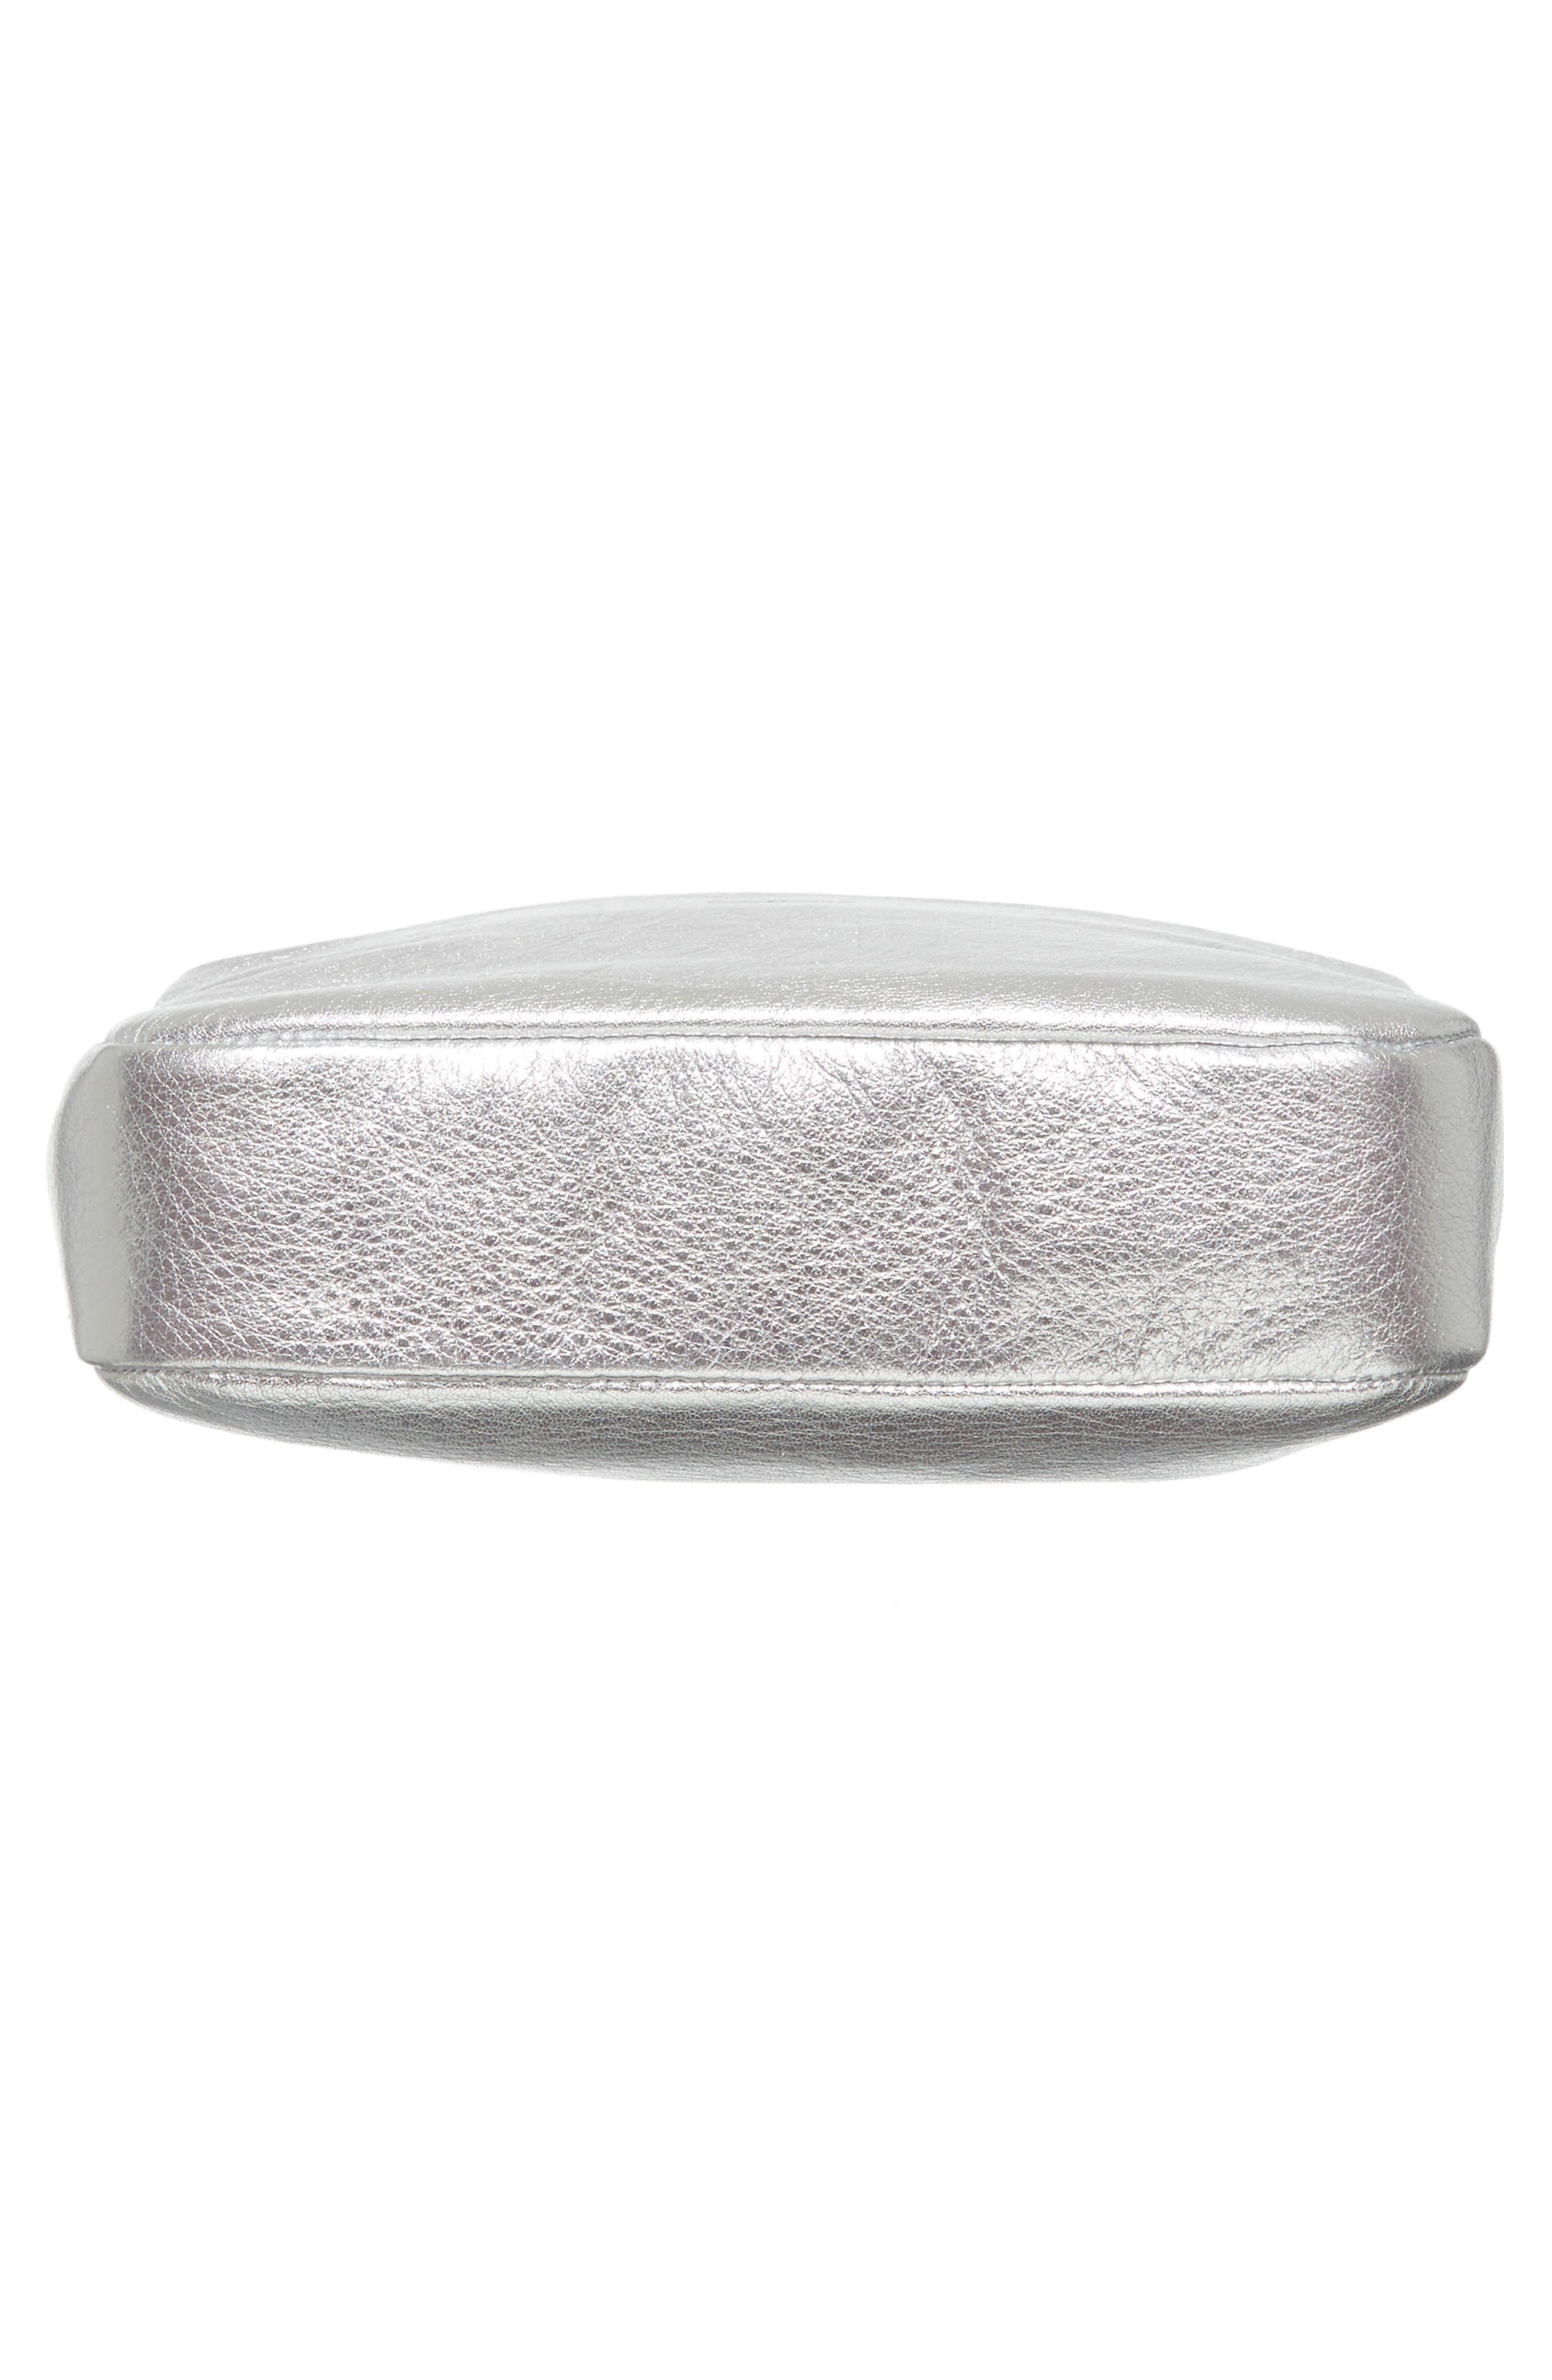 Alternate Image 4  - Baggu 'Mini' Pebbled Leather Crossbody